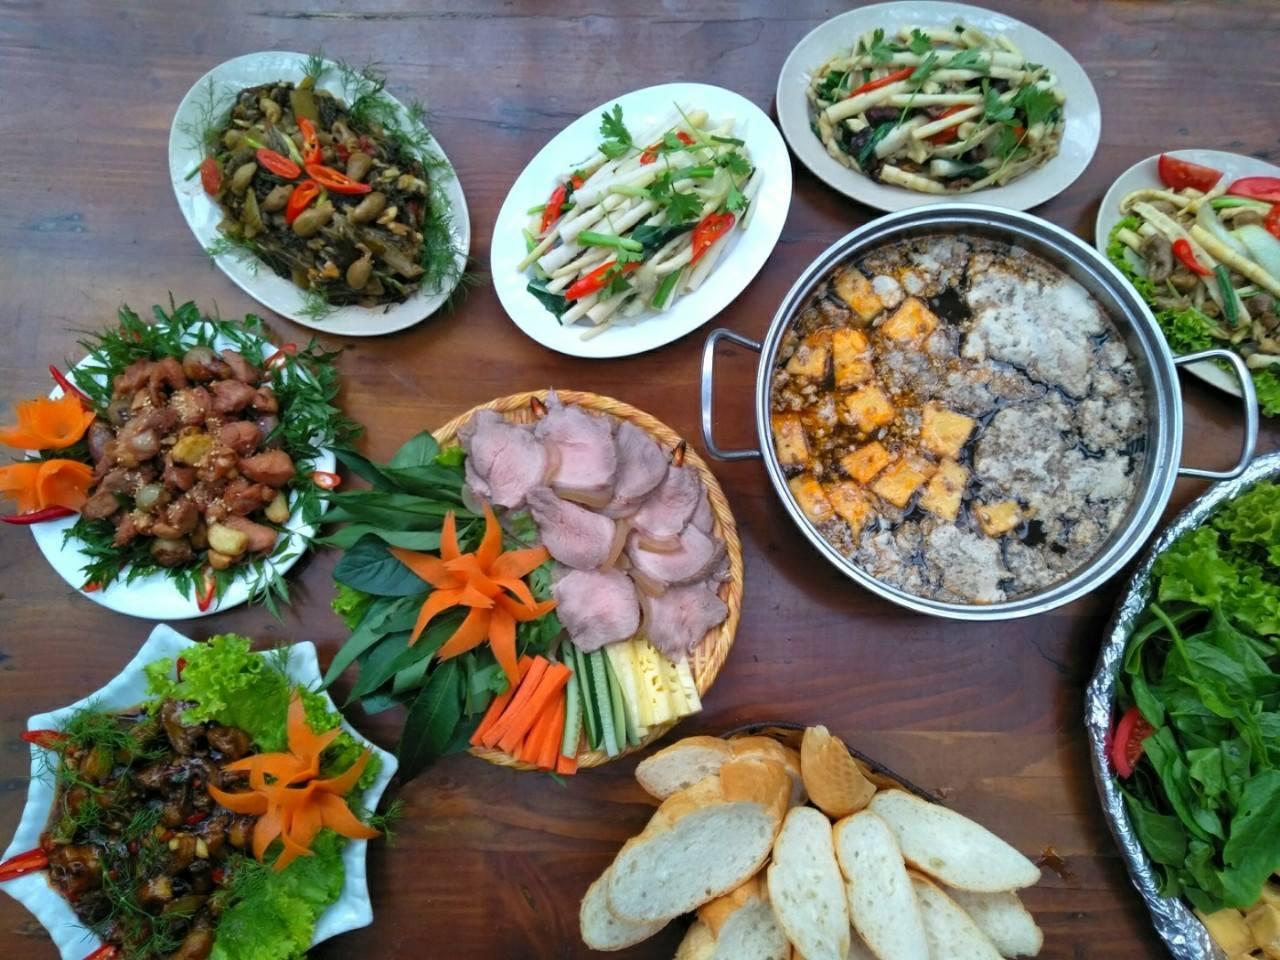 Thưởng thức những món ăn mang đậm hương vị Tây Bắc